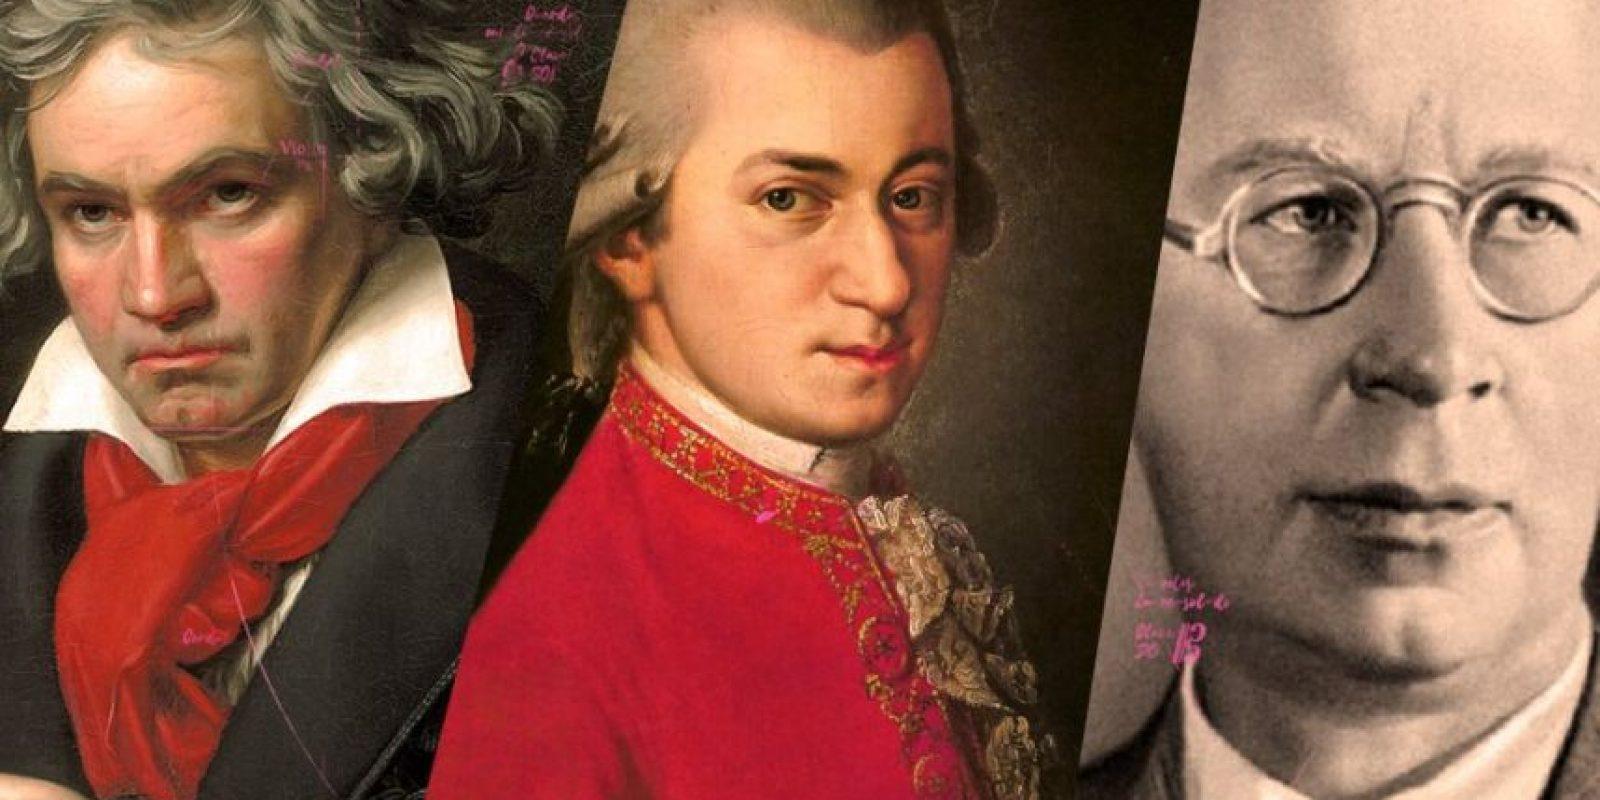 La Orquesta Filarmónica de Medellín interpretará Obras de Beethoven, Mozart y Prokofiev bajo la dirección del maestro Francisco Rettig. Foto:Tomada de Facebook Filarmed